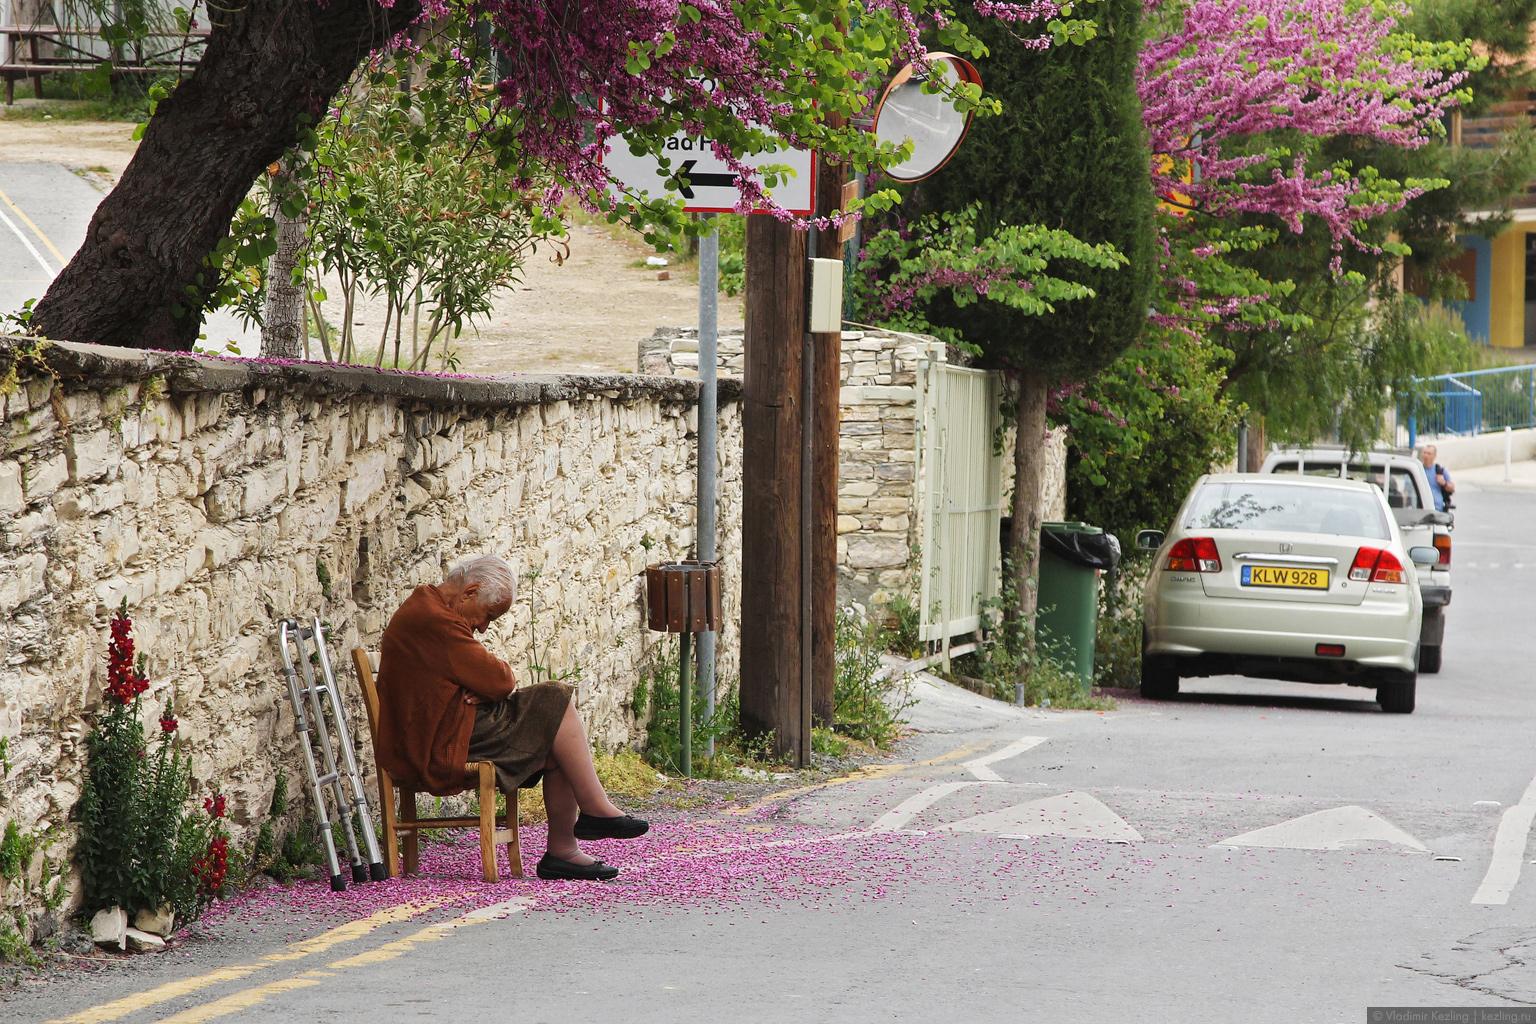 Остров Кипр. Республика Кипр. Хирокития и Лефкара